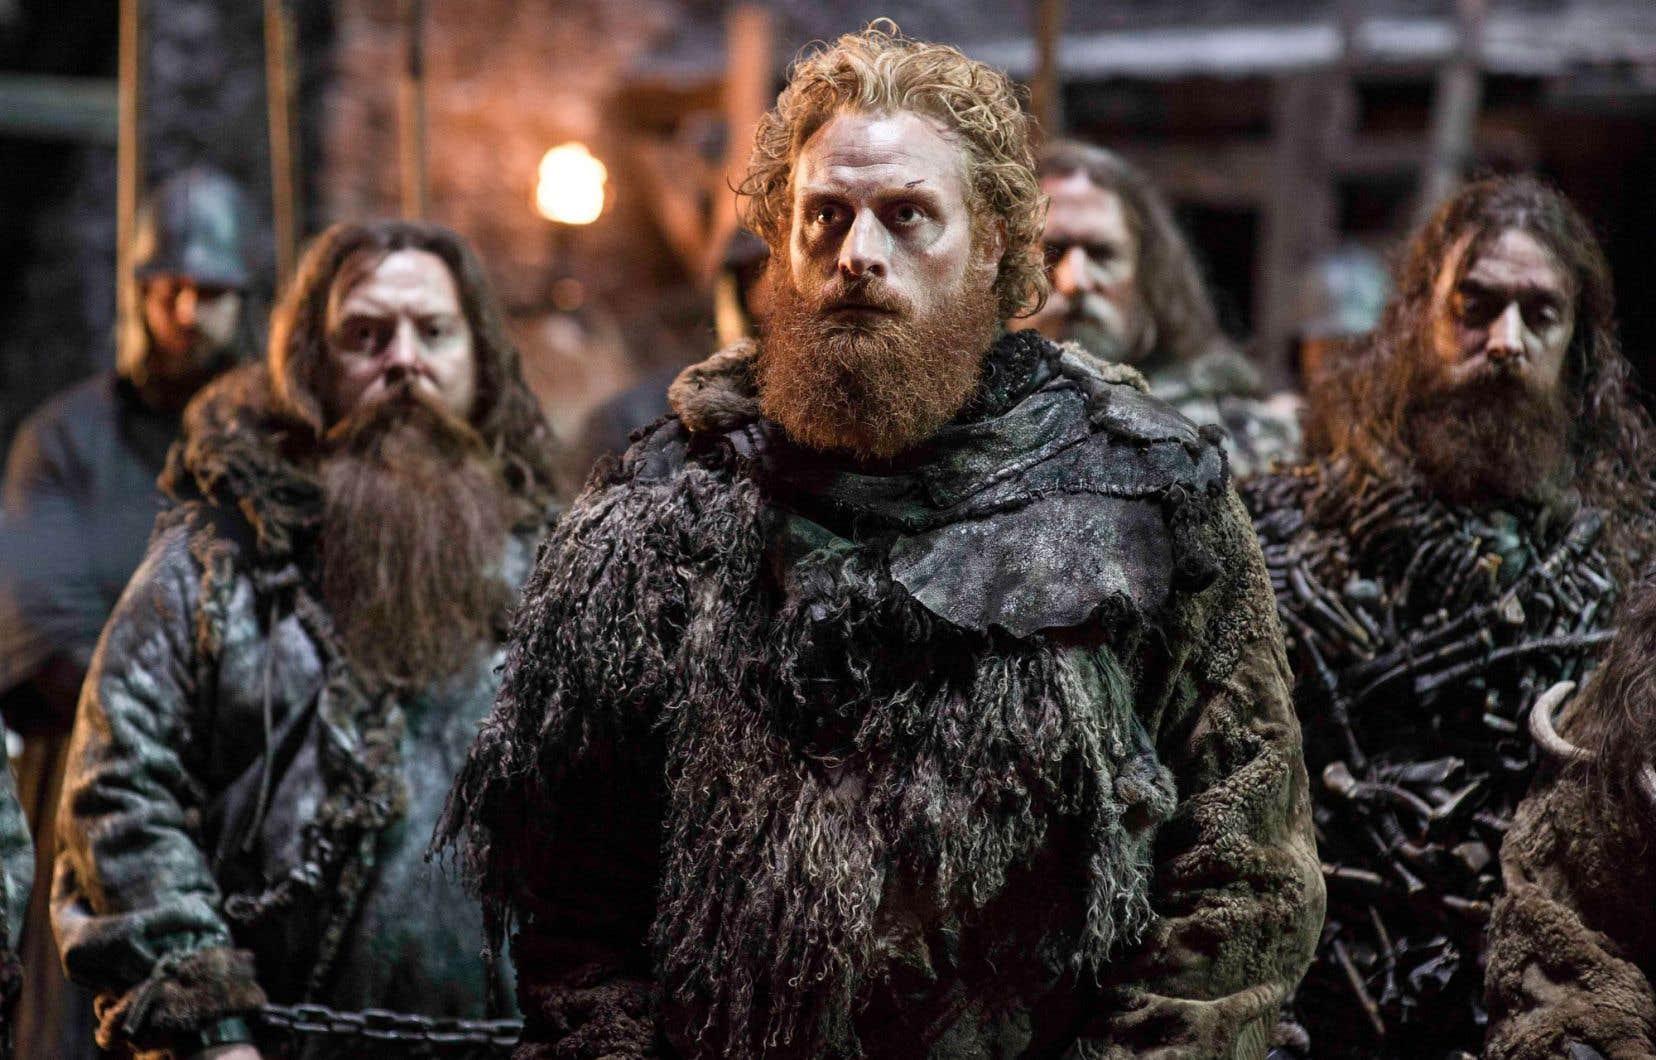 L'épopée sanguinolente de «Game of Thrones» multiplie éviscérations et massacres avec plus de 456 morts recensés en quatre saisons au petit écran.